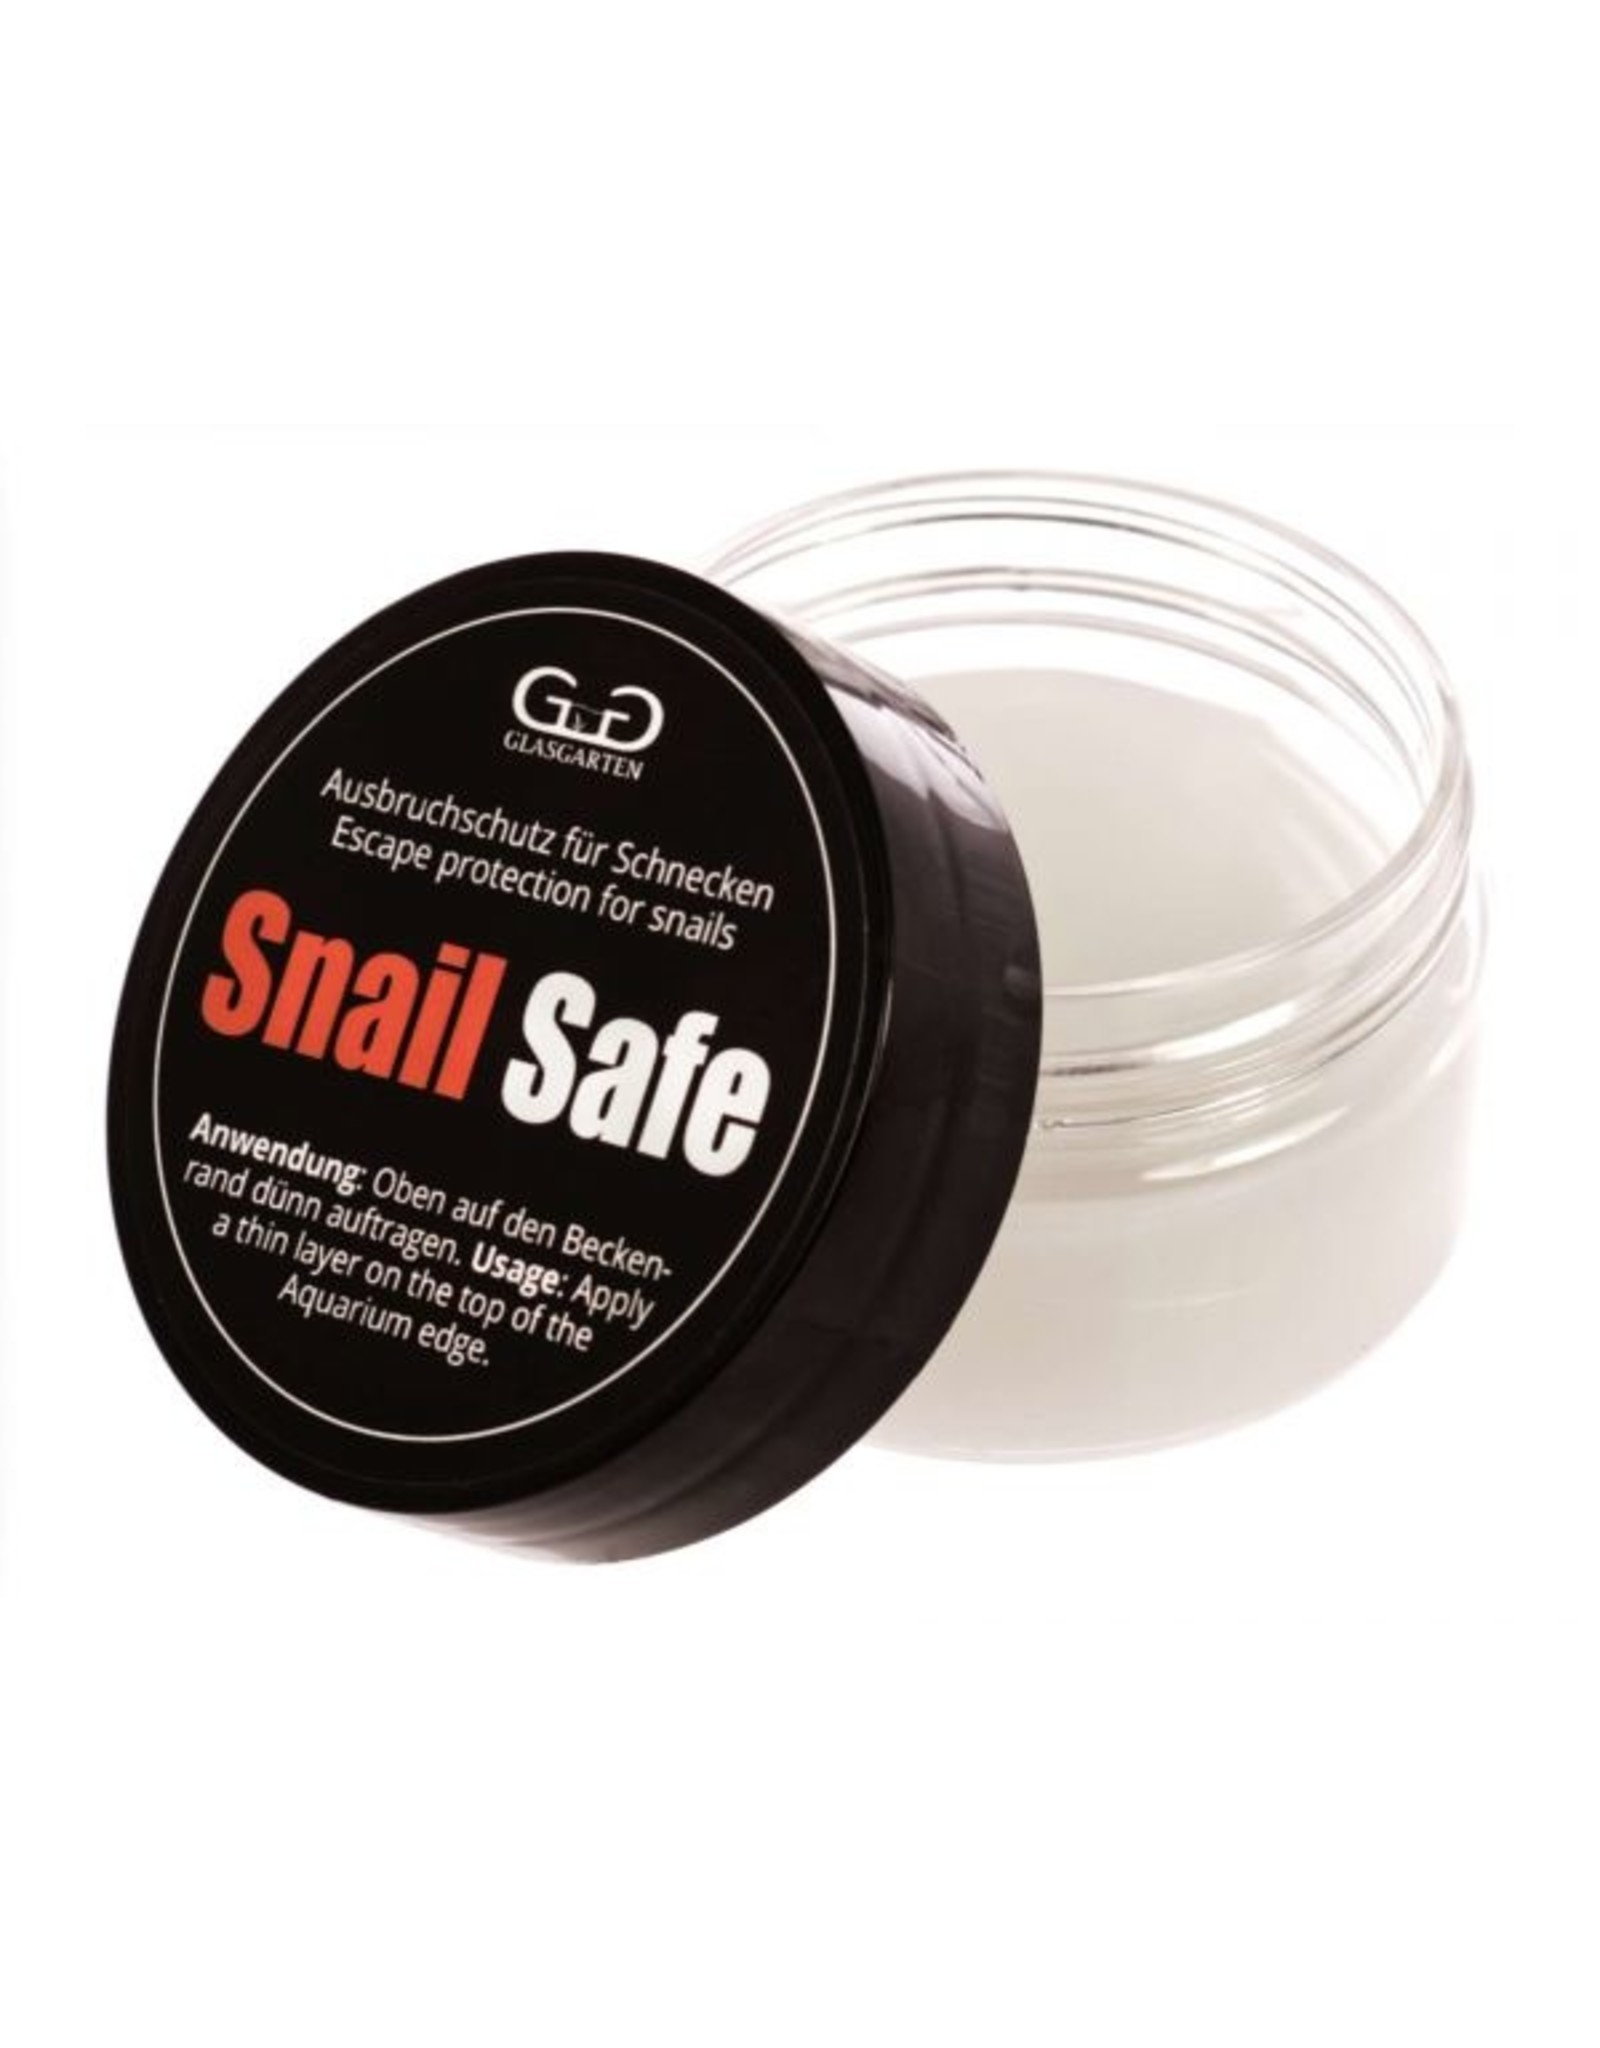 GlasGarten GLASGARTEN Snail Safe